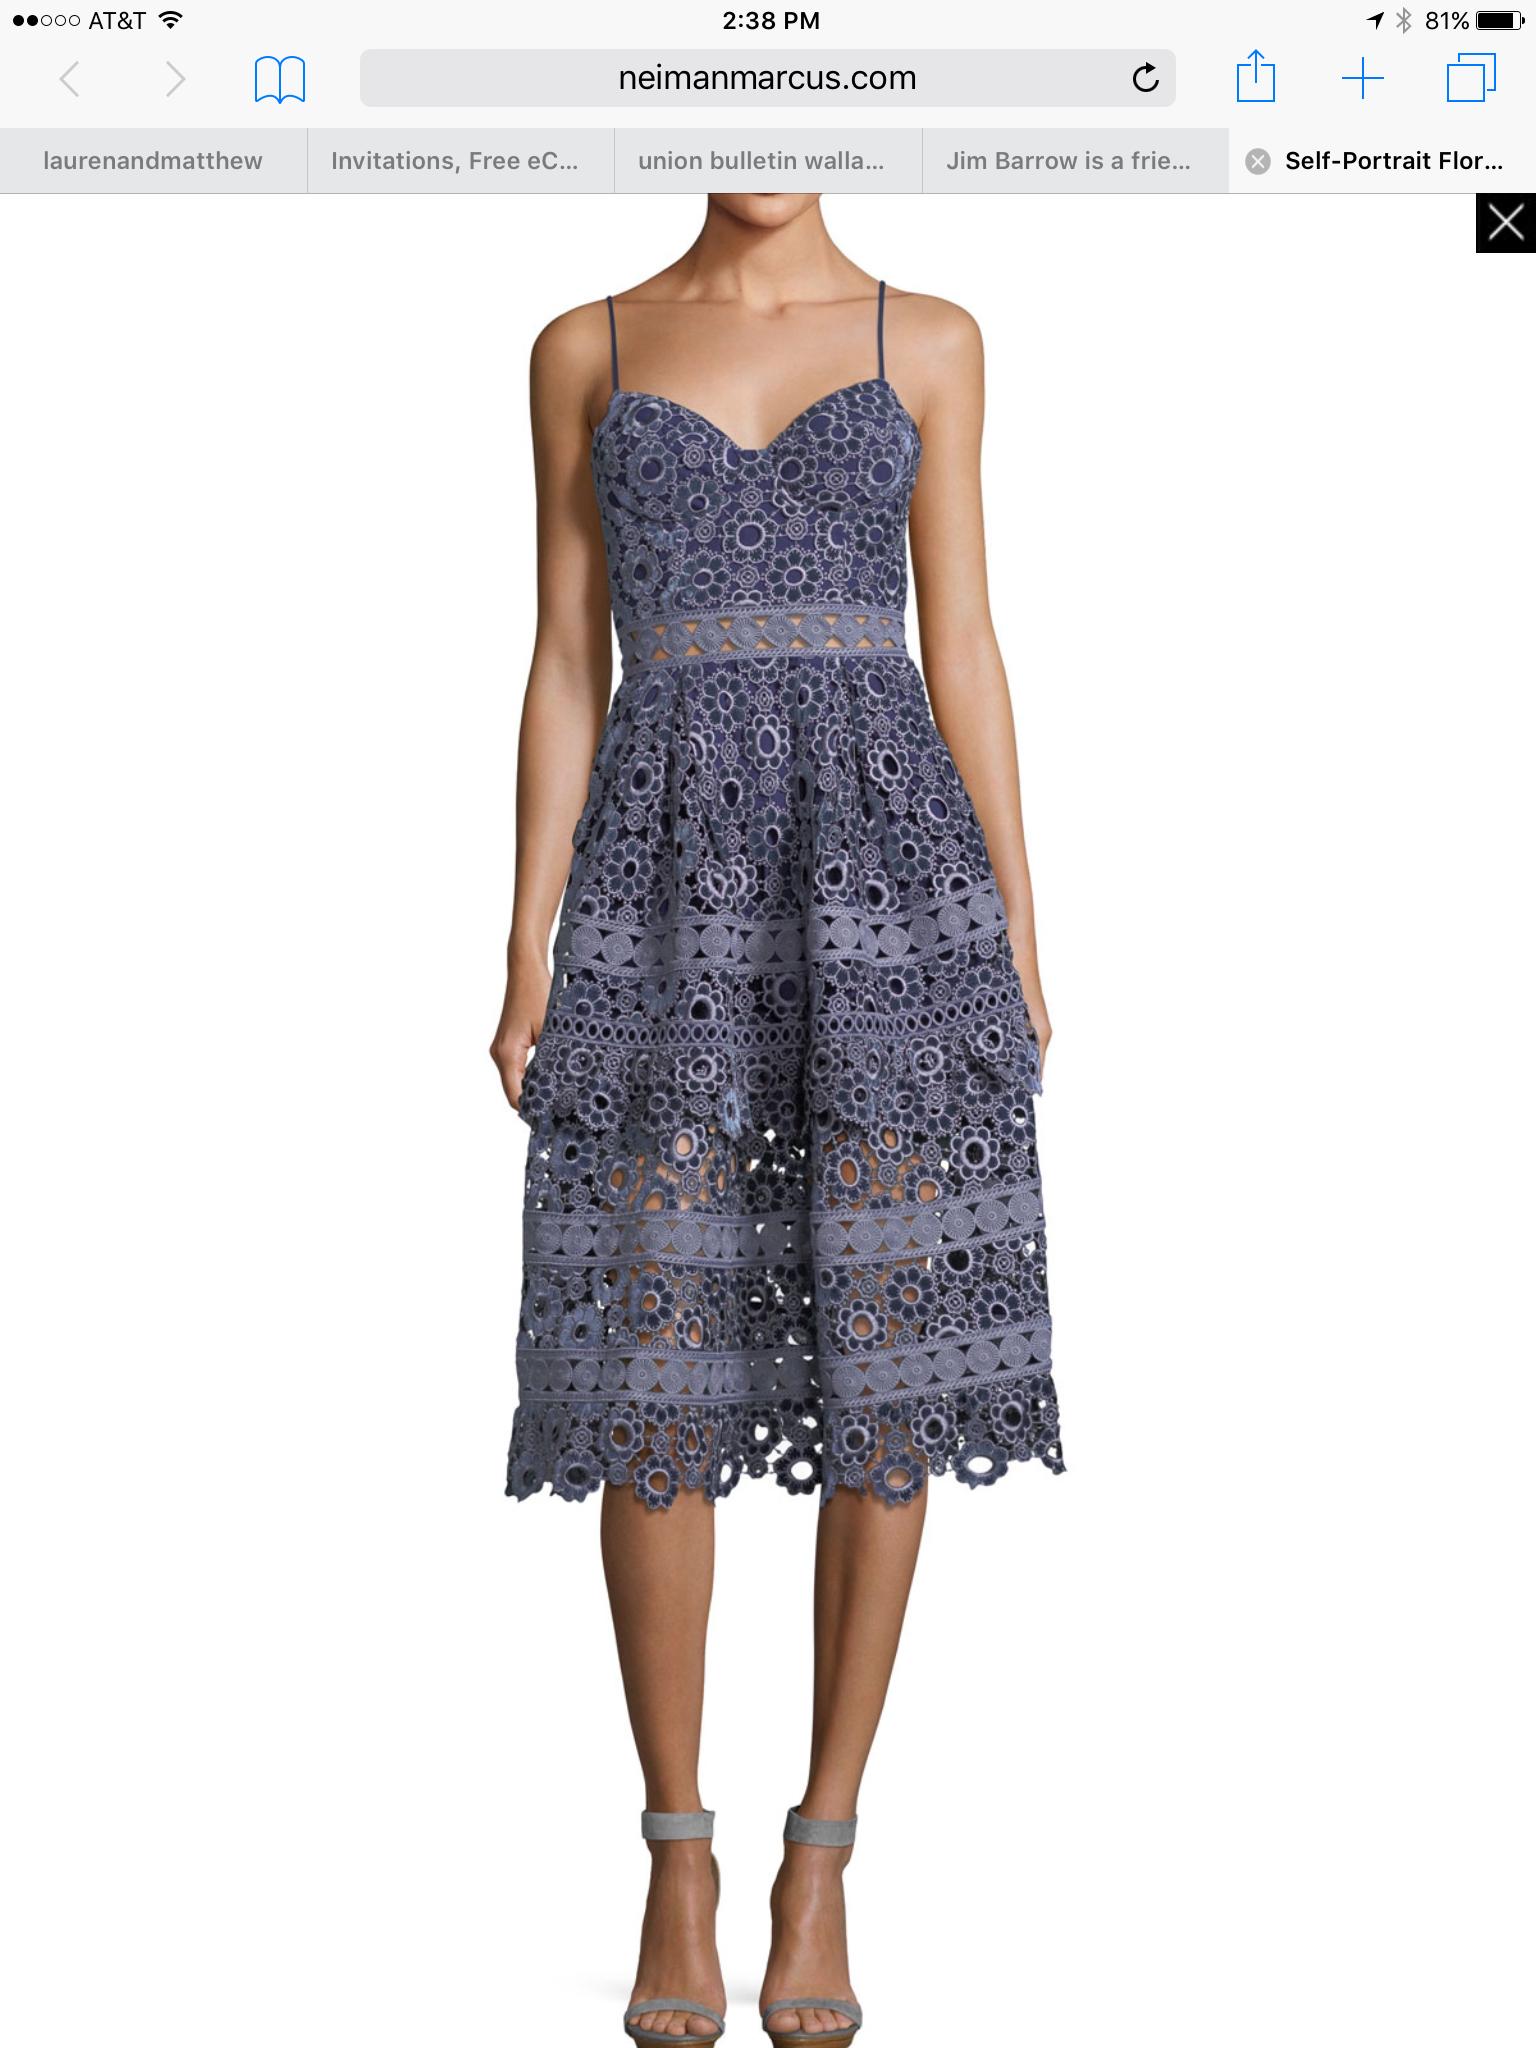 8620c1db7 Designer Dresses At Neiman Marcus